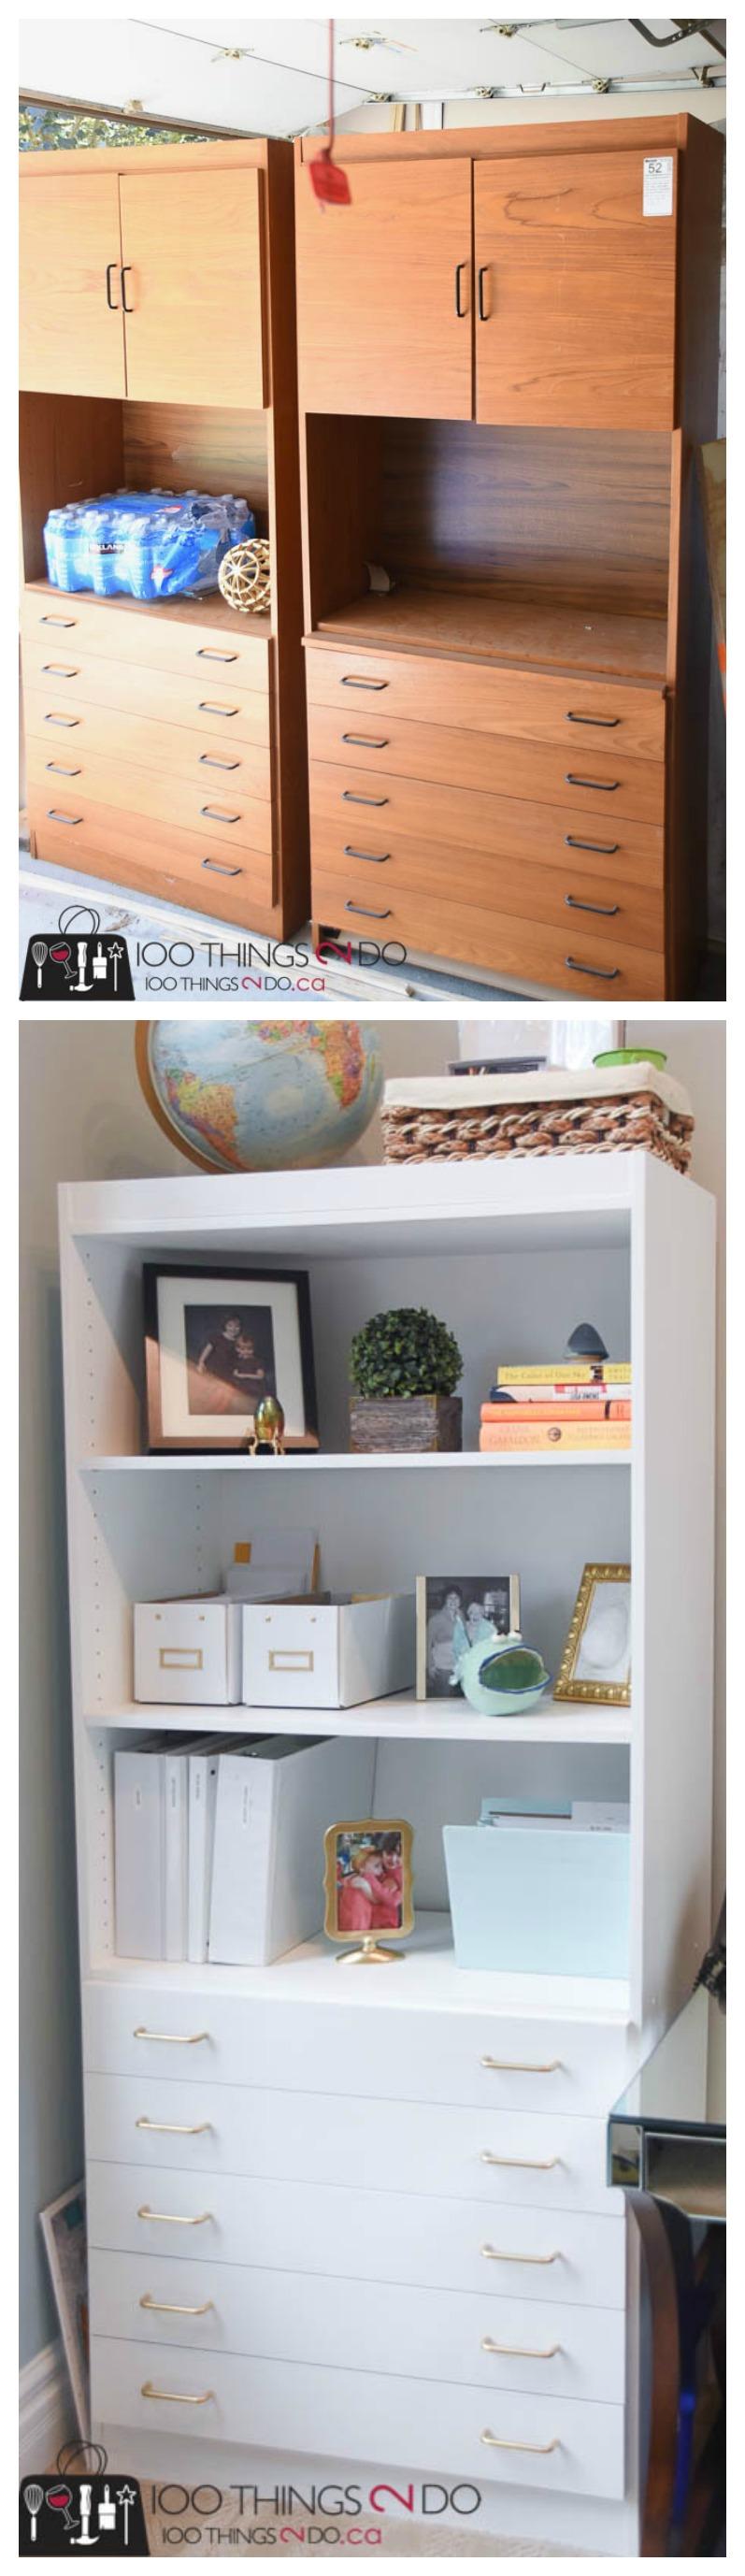 Bookshelf Makeover, Painted Bookshelves, White Bookshelves, Office Storage, Office Shelving,